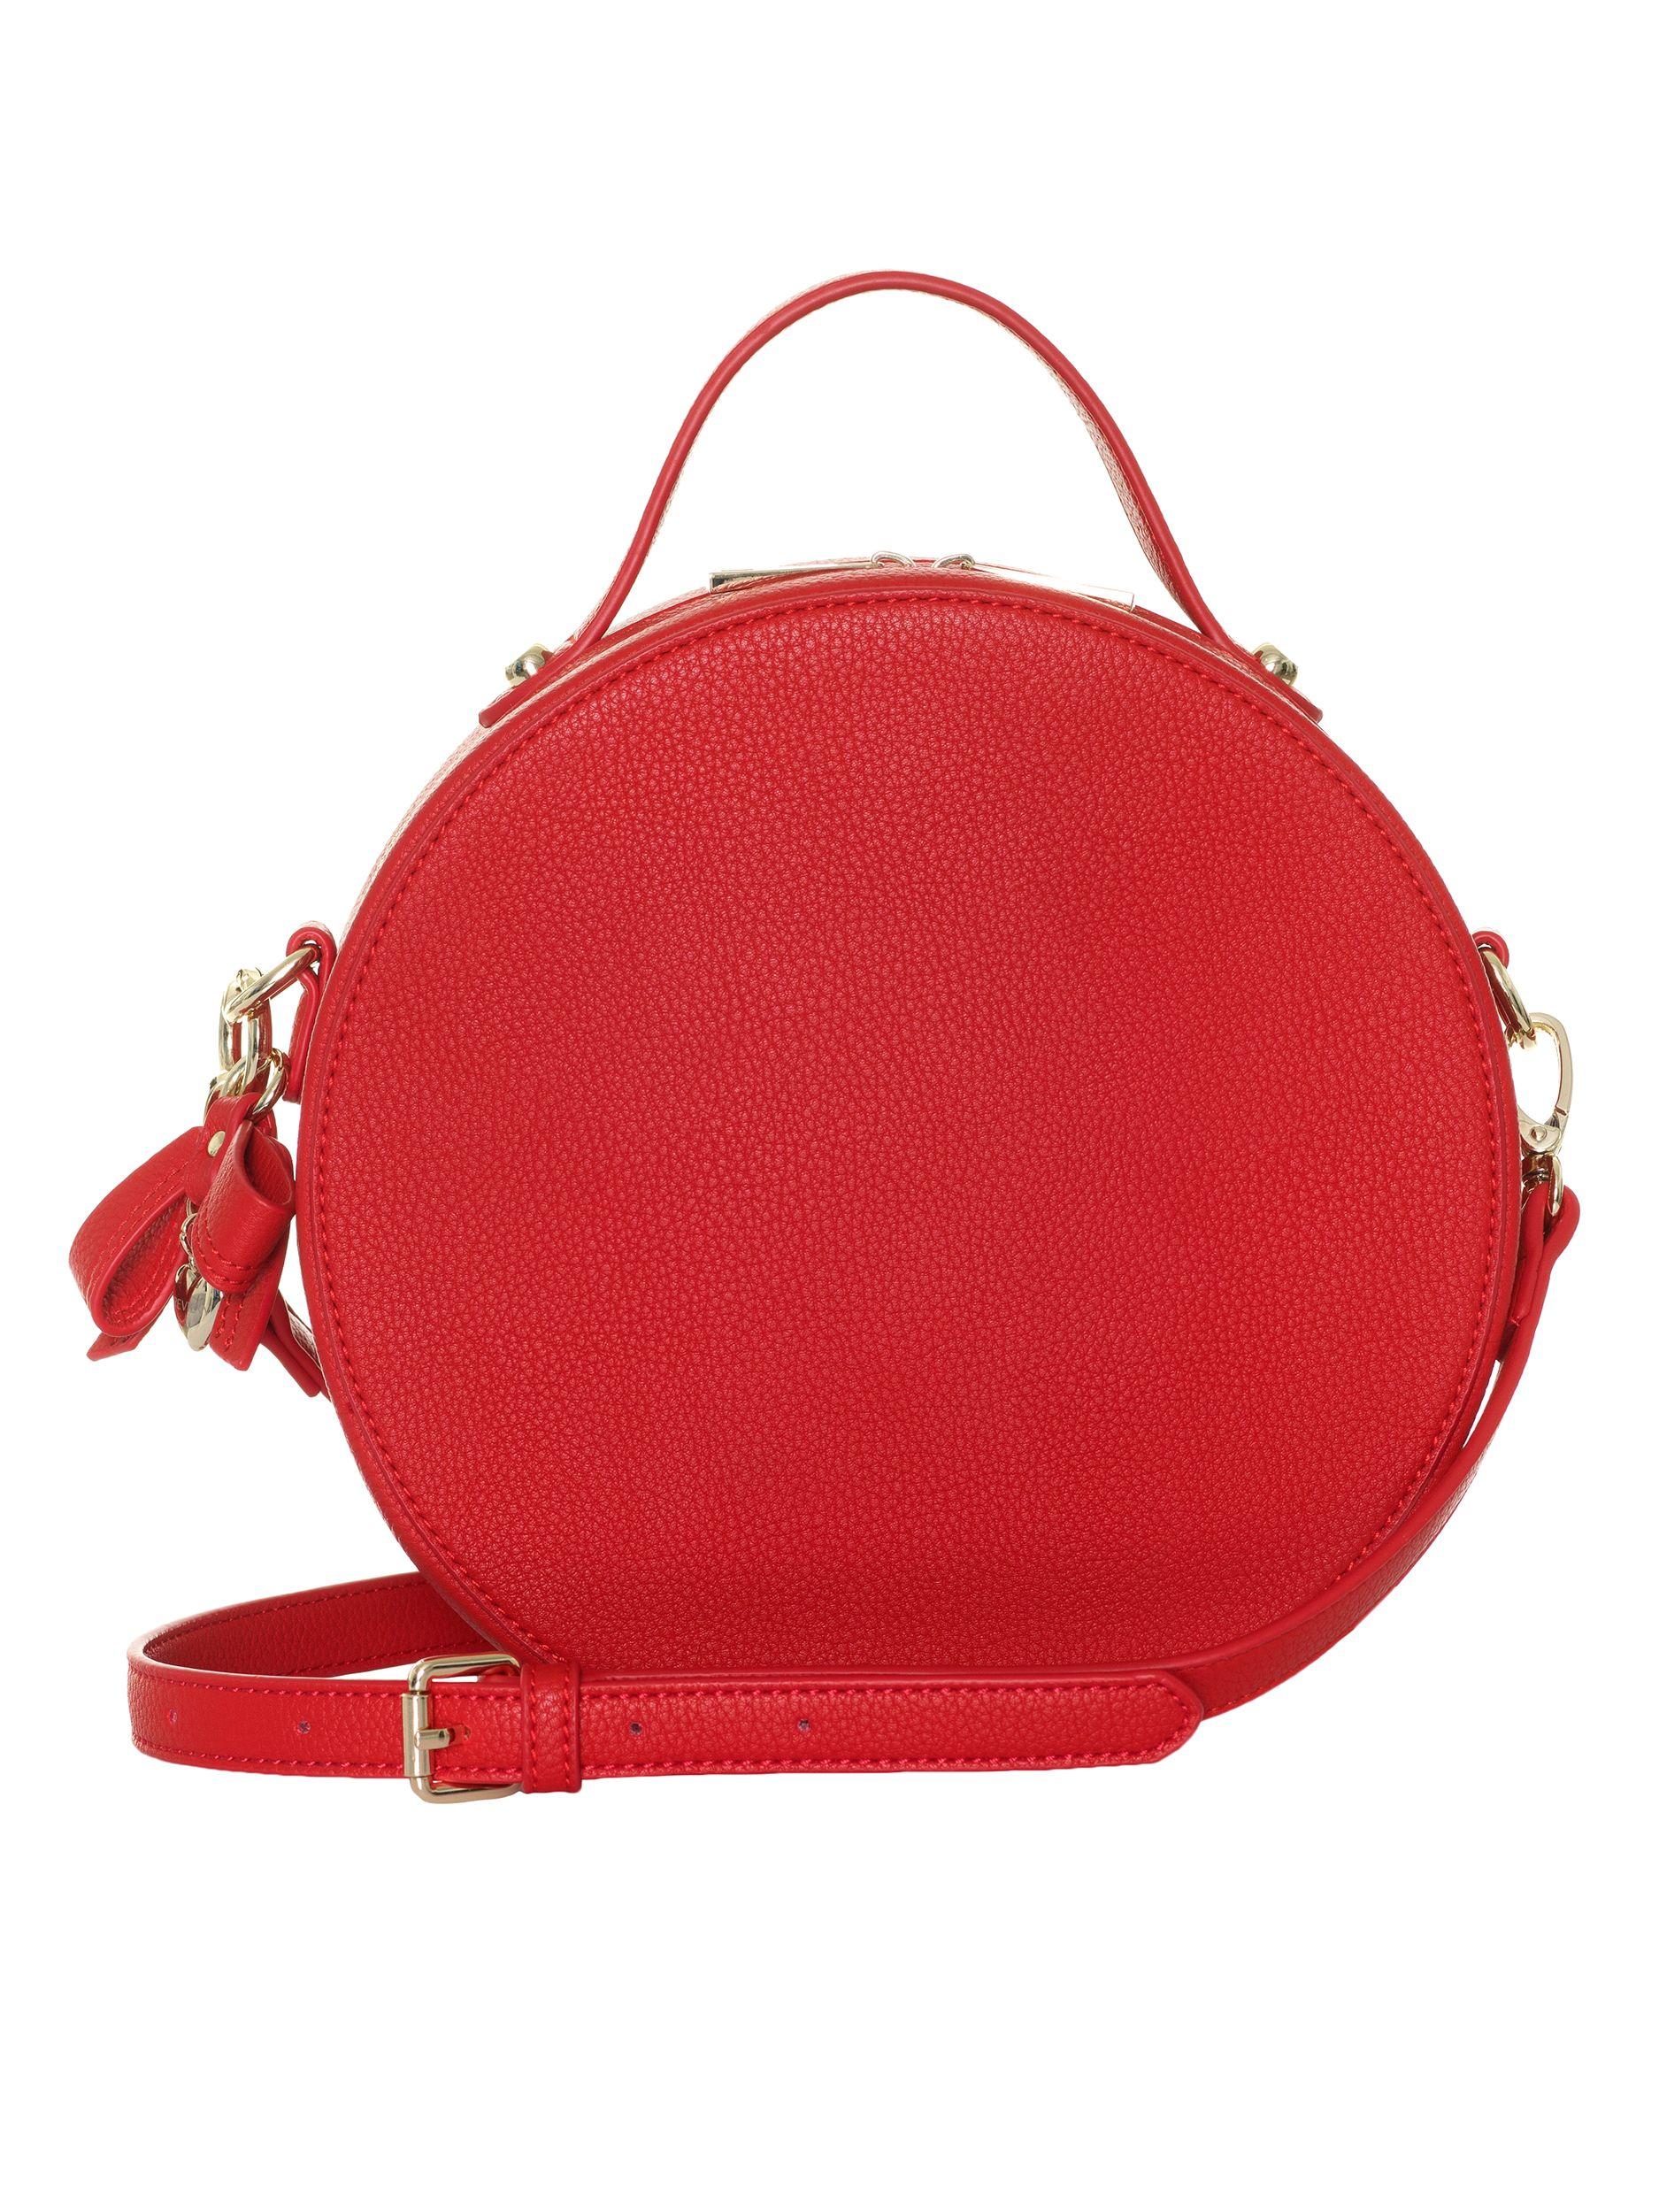 Peppi Mini Bag Review Australia Bags Mini Bag Mini